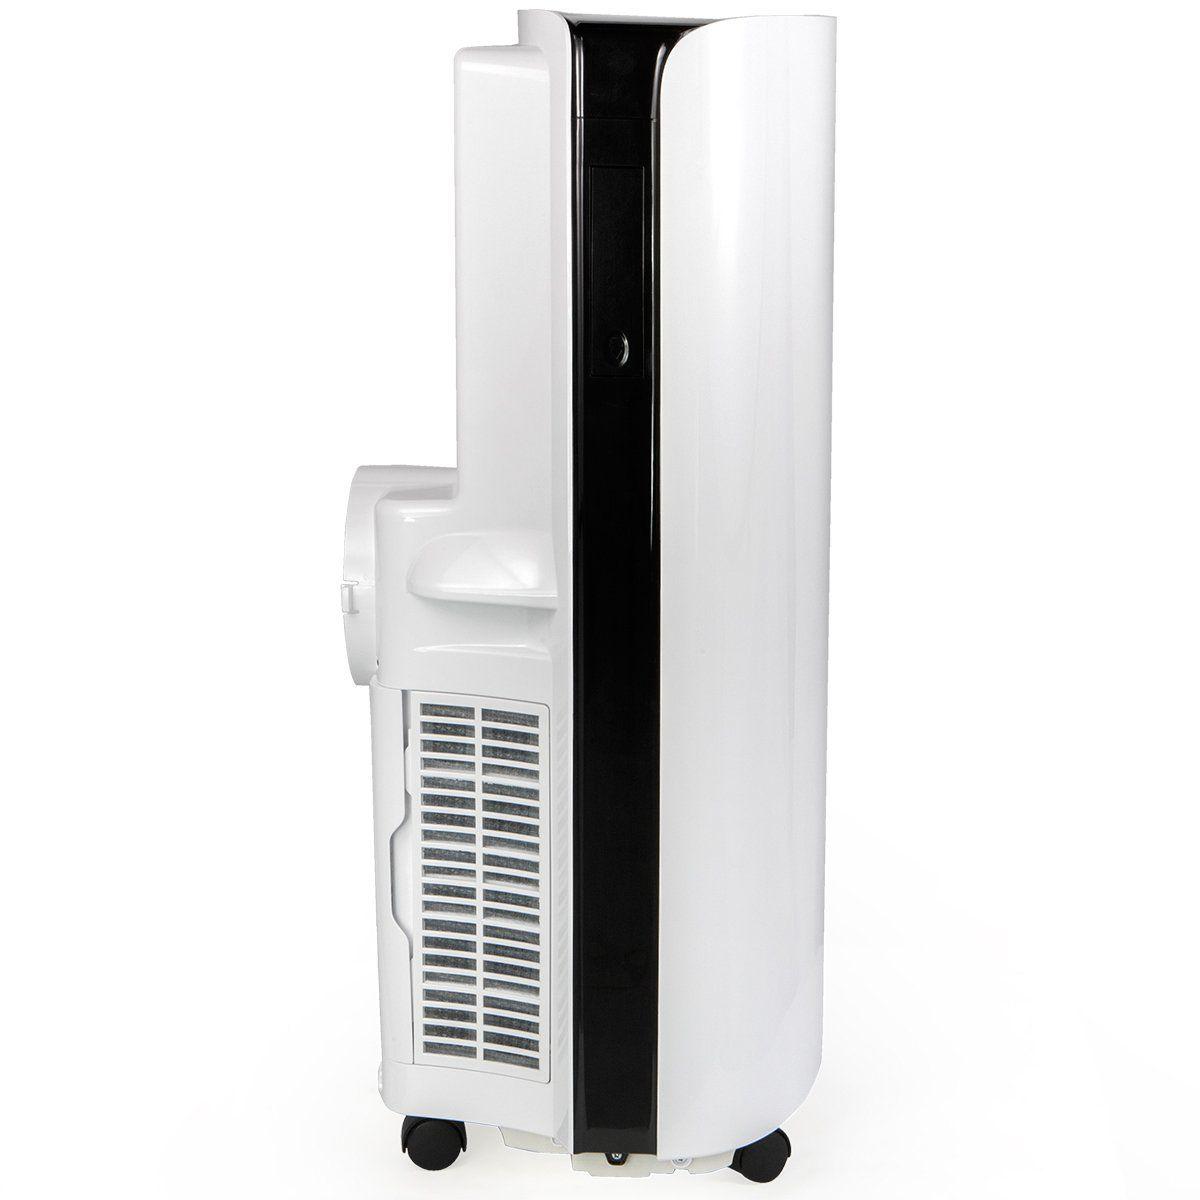 Ensue 14000 btu 4 in 1 portable air conditioner